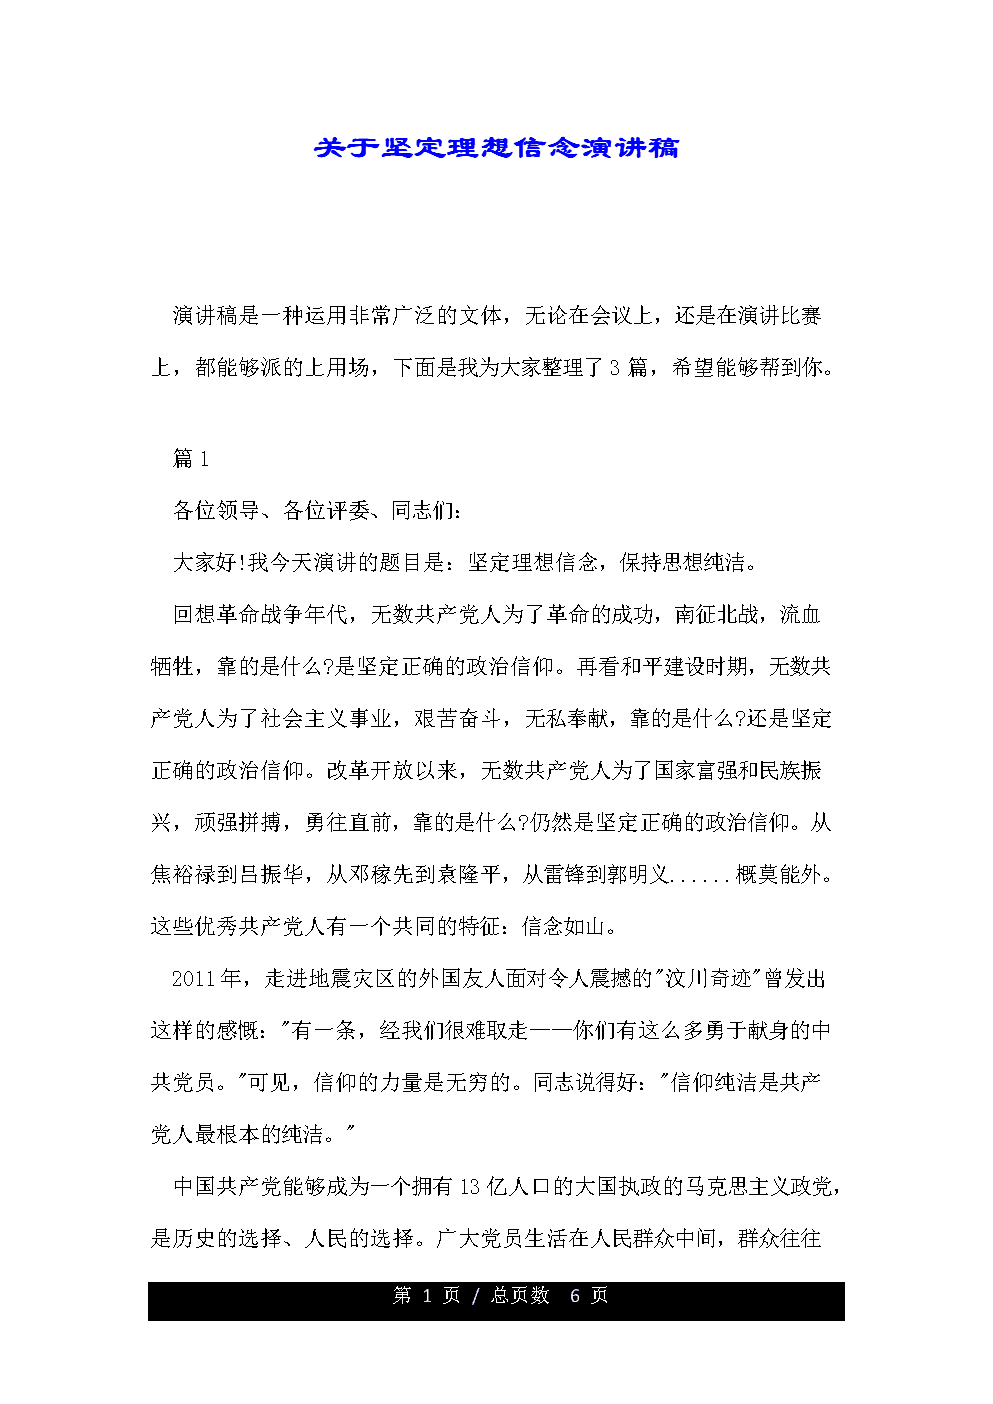 关于坚定理想信念演讲稿.doc